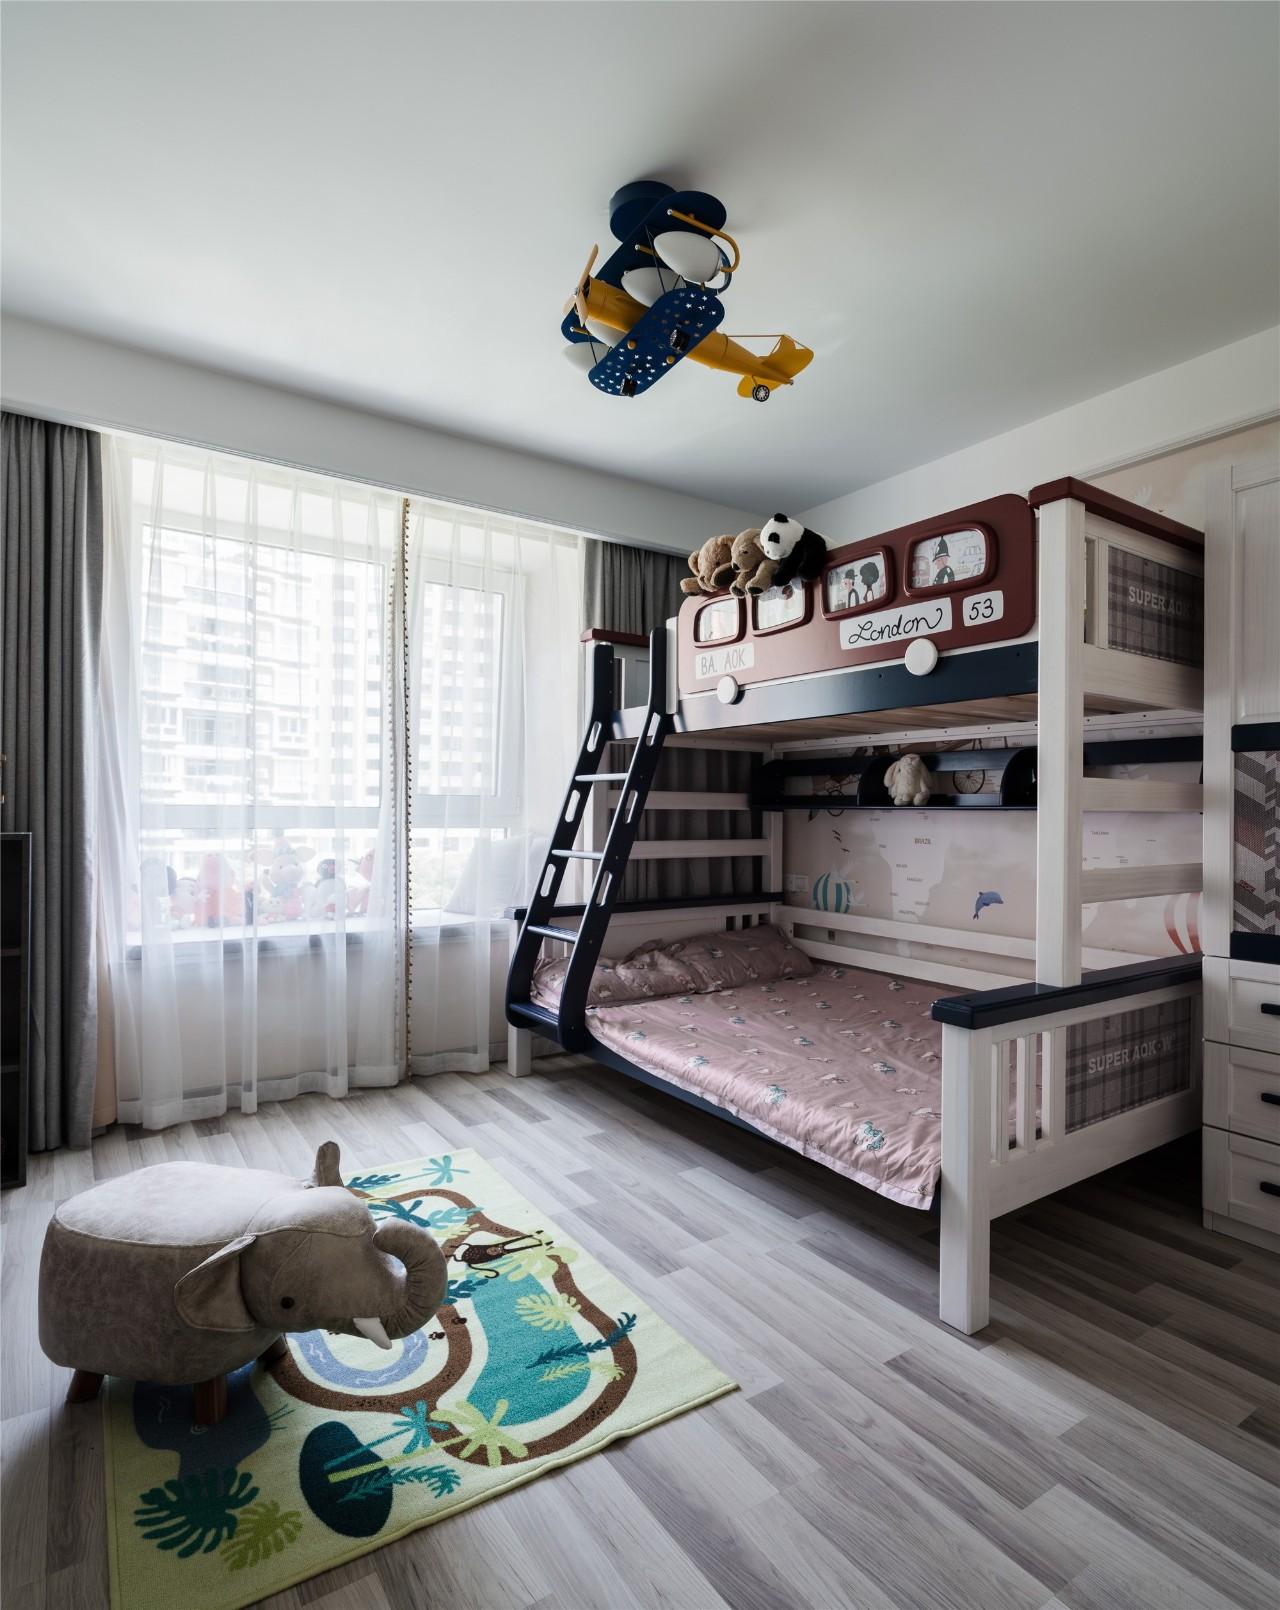 102㎡现代风格儿童房装修效果图